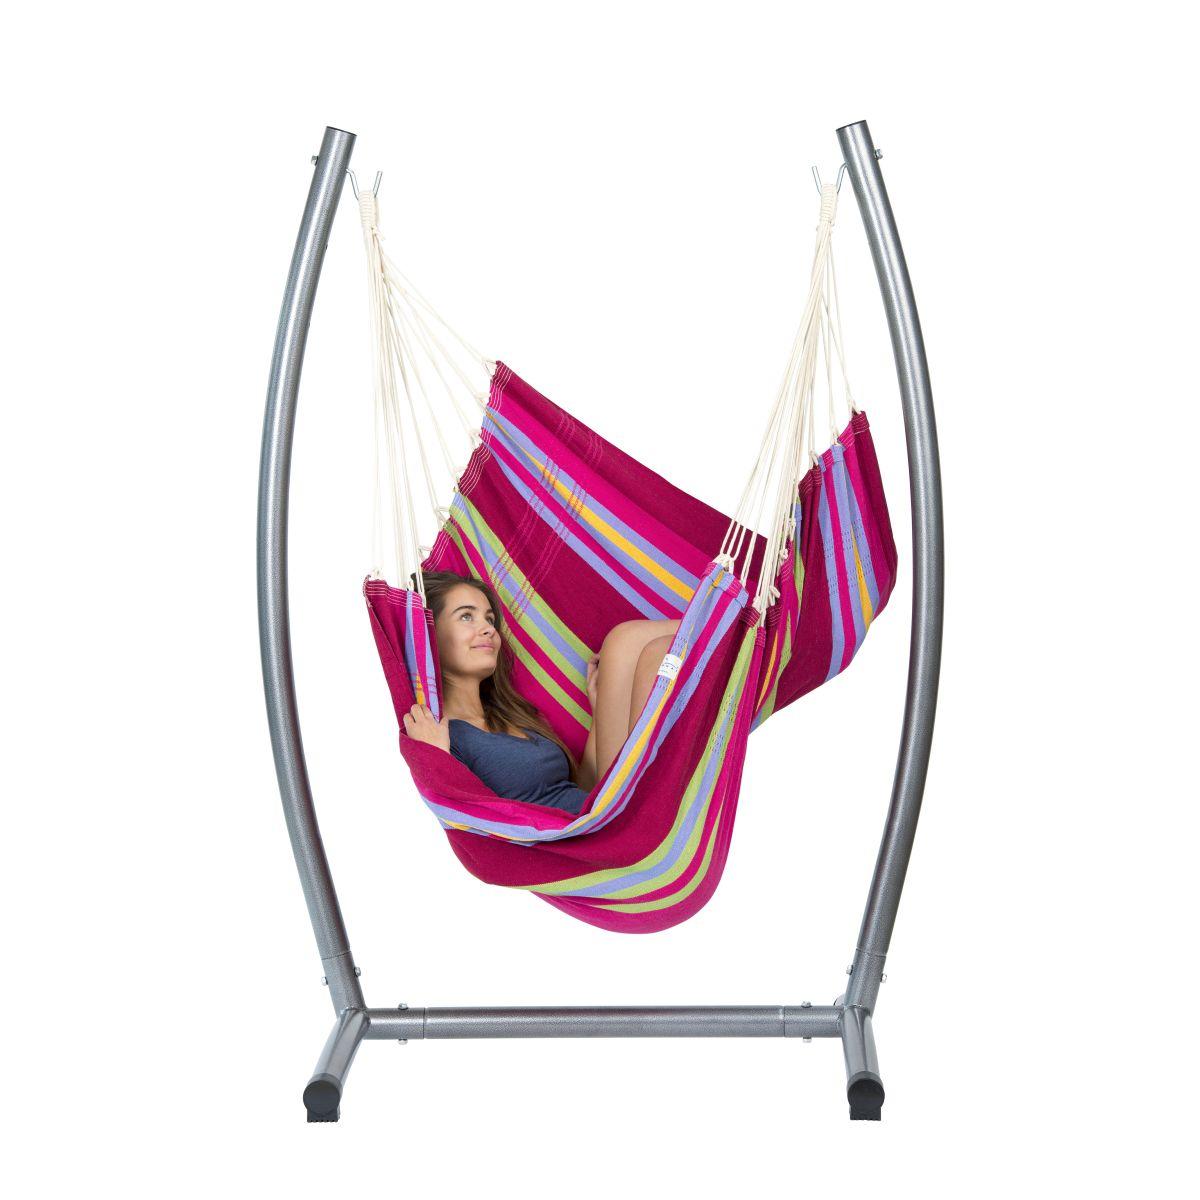 amazonas set support chaise hamac omega rockstone hamac chaise grenadine acandi vente de hamac par le specialiste du hamac en france